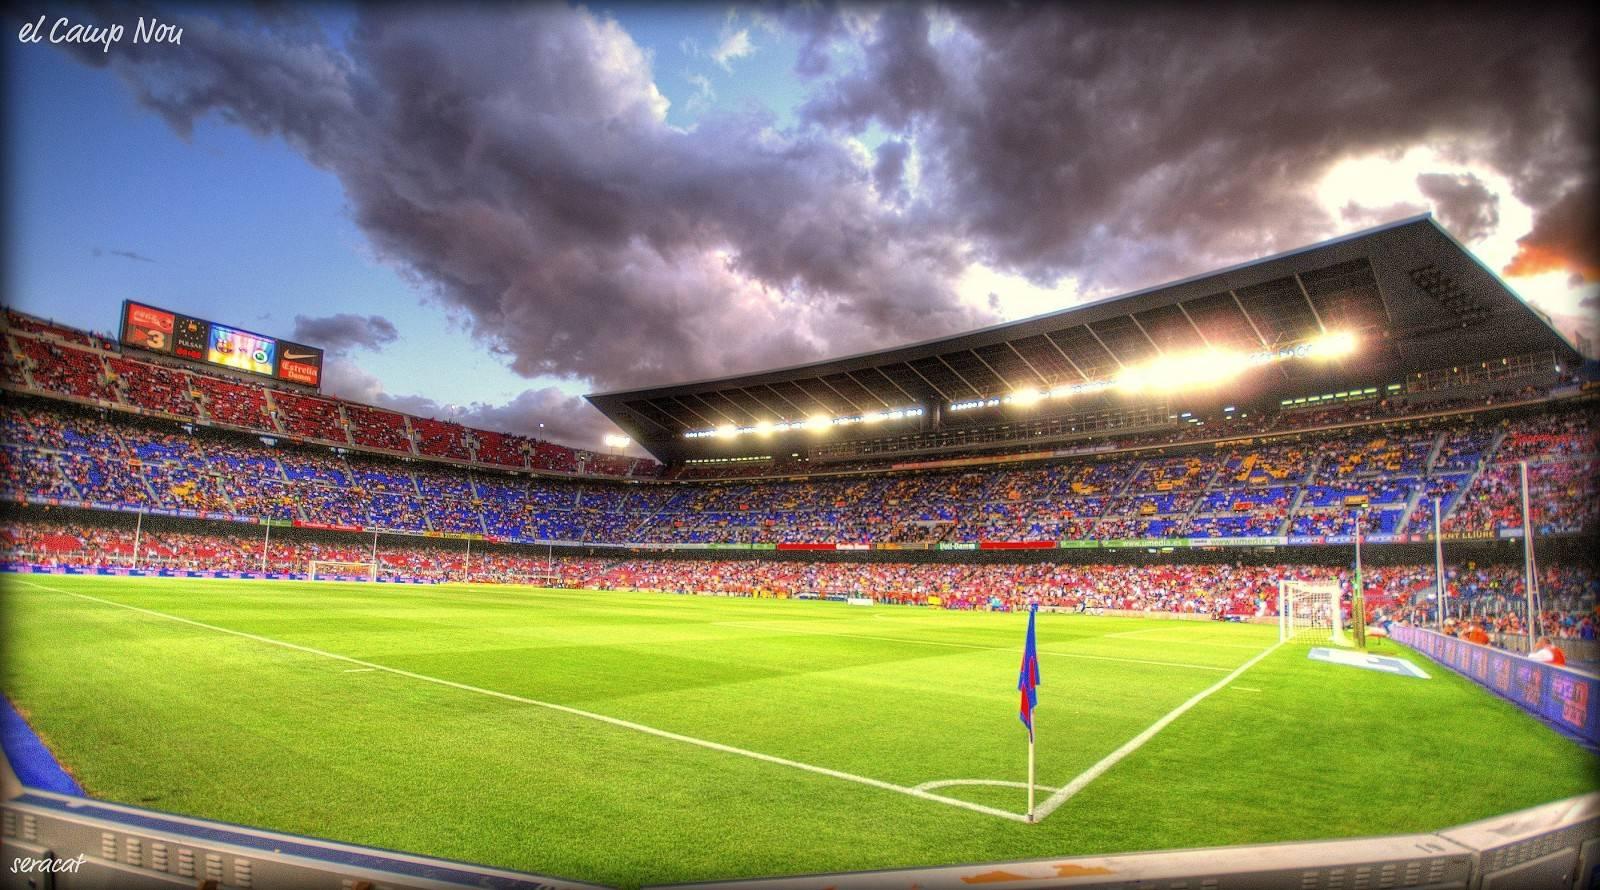 Камп ноу (барселона) - информация про стадионы мира